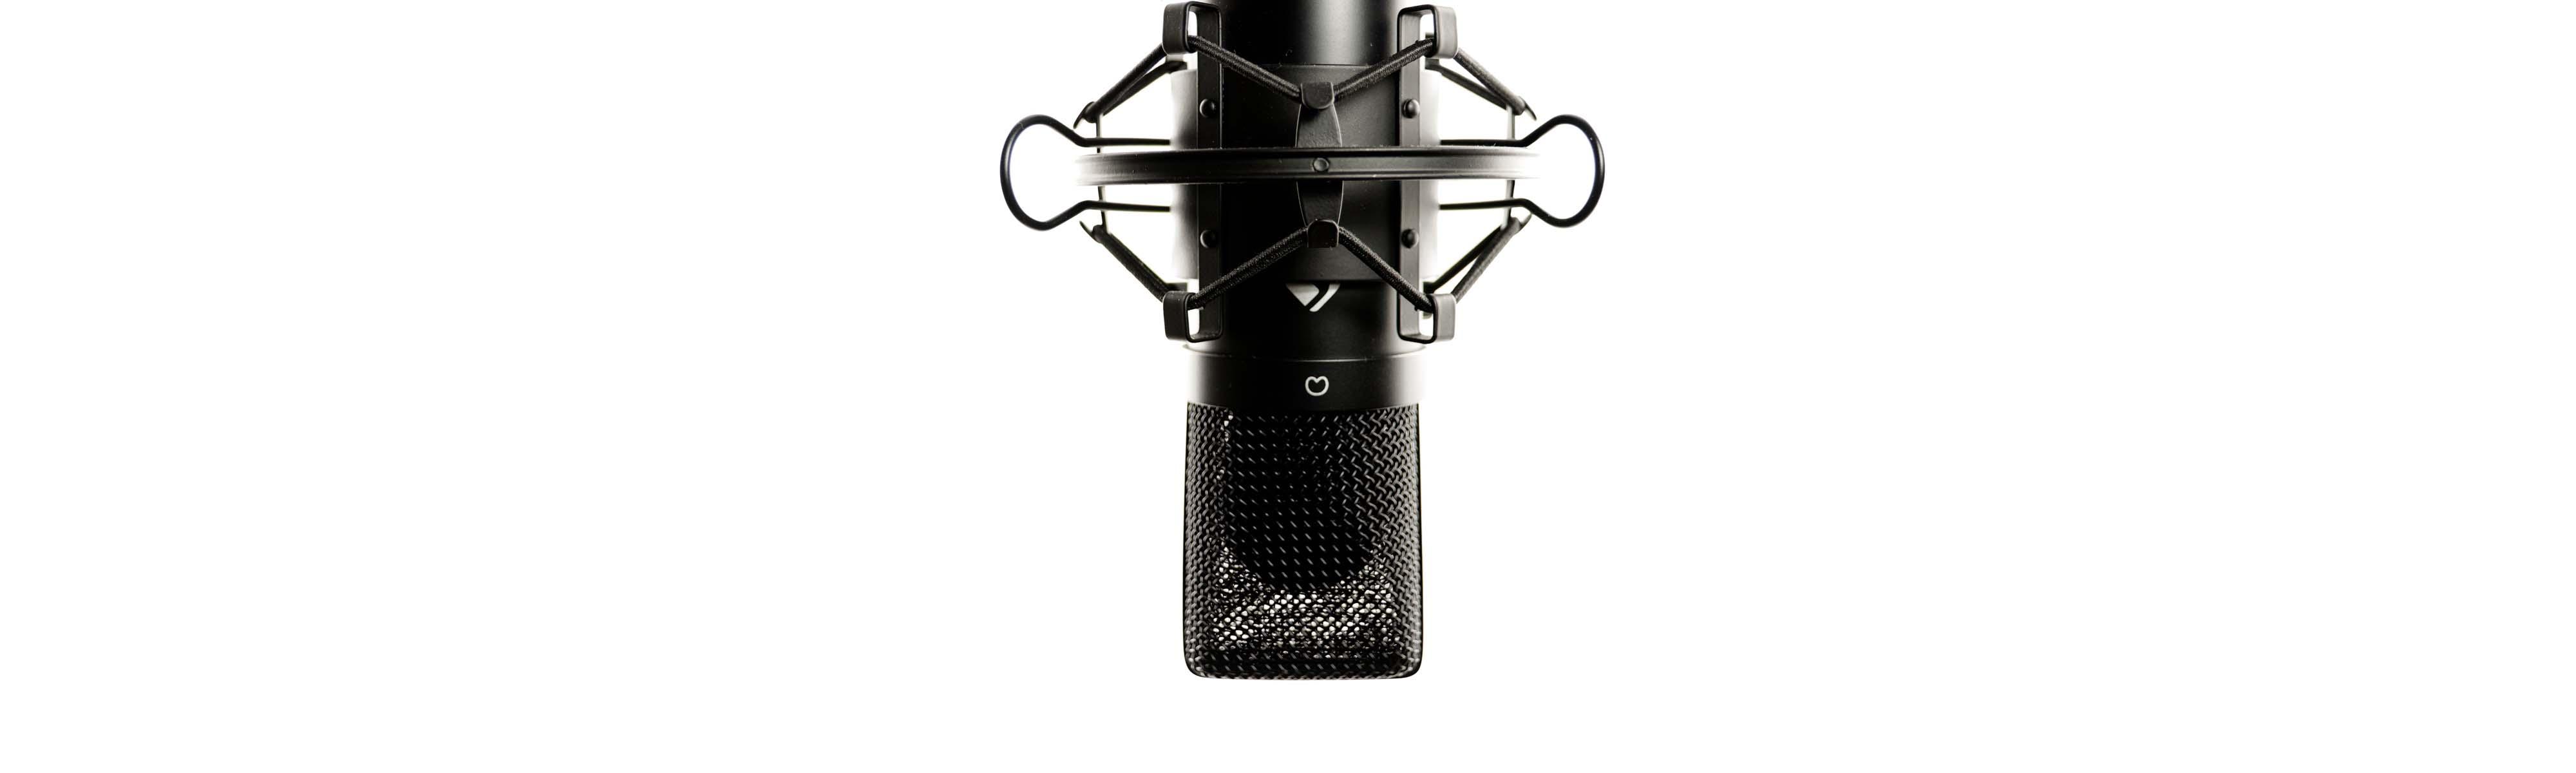 Sprecher Mikrofon Aufnahme